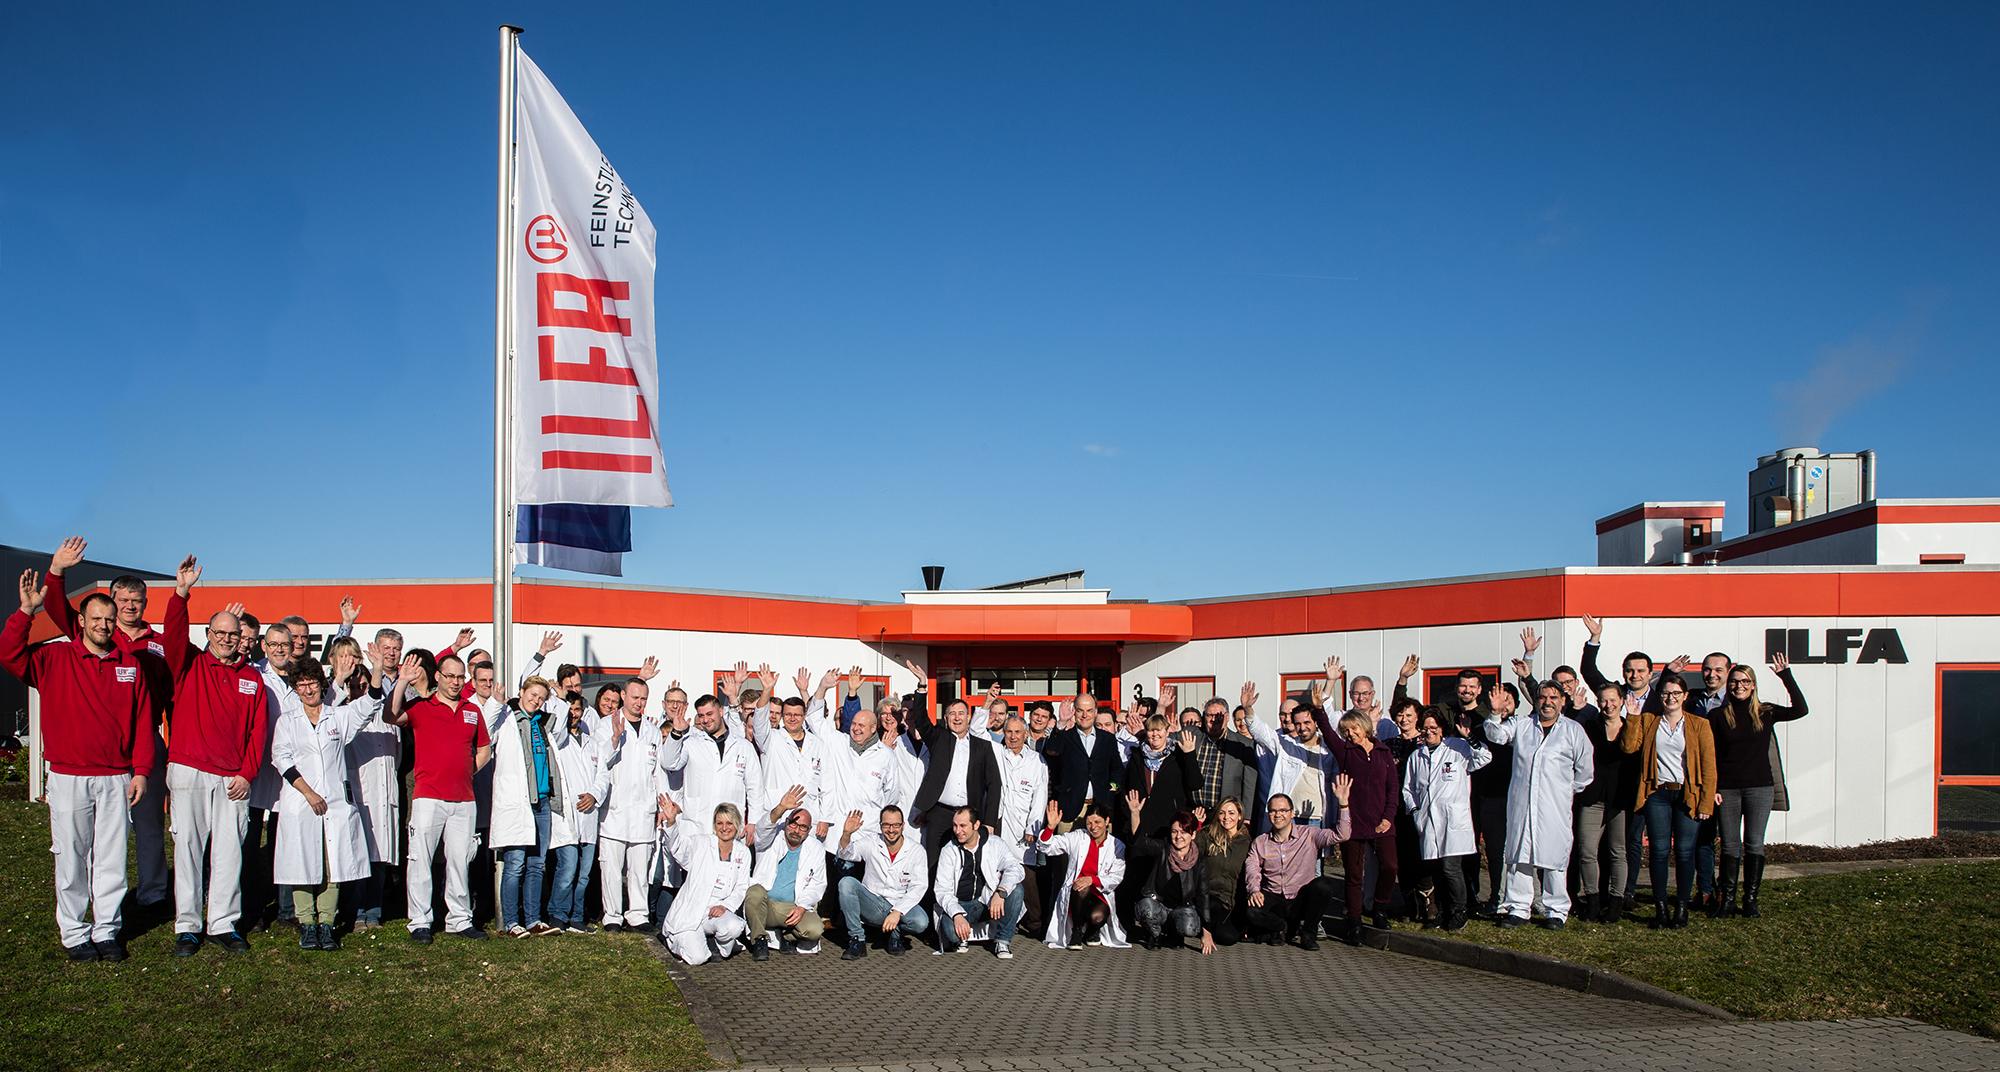 ILFA Hauptverwaltung und Produktion in Hannover